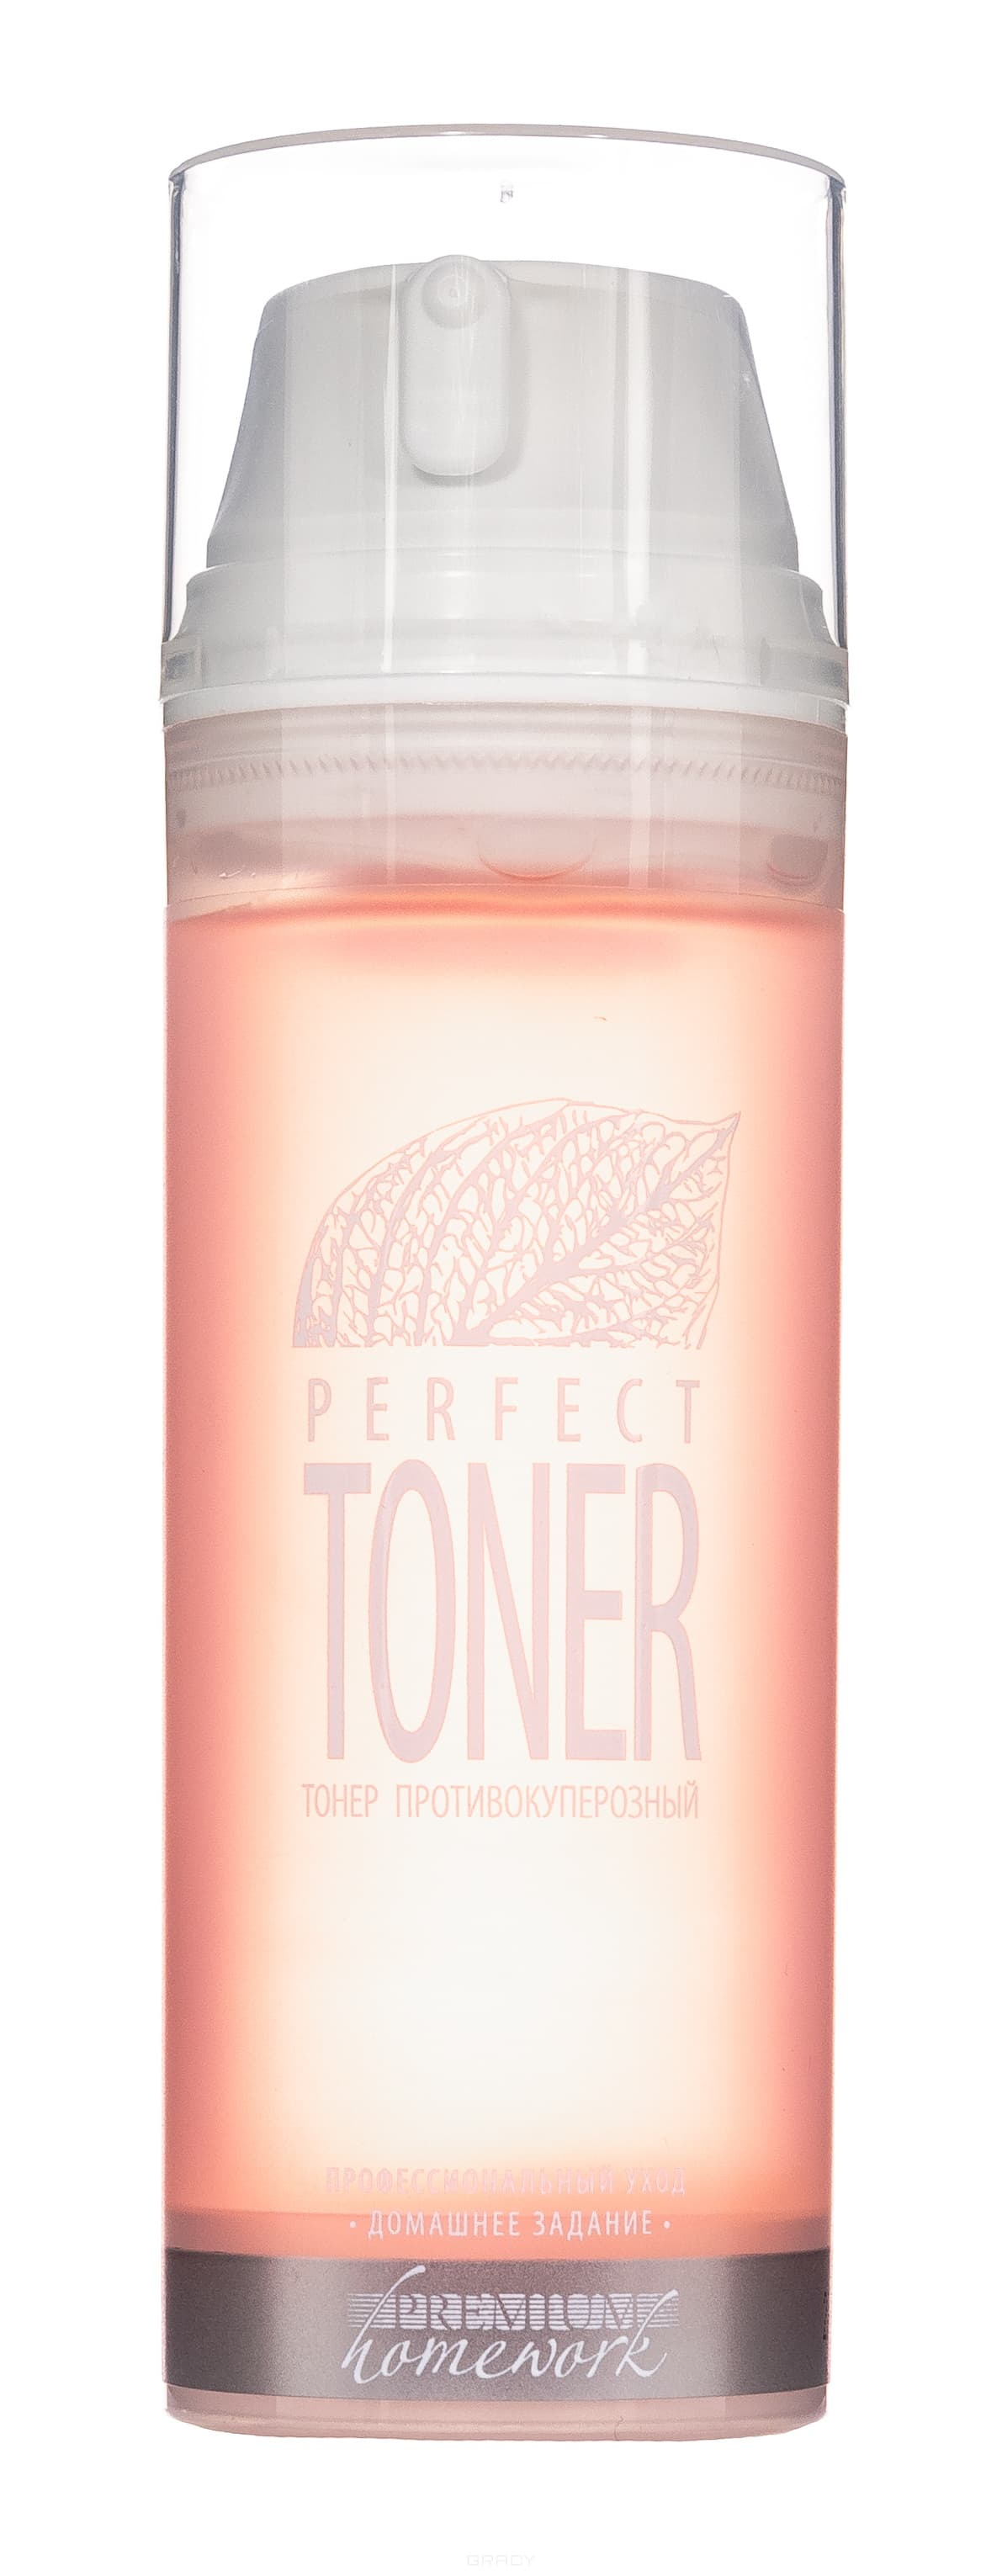 Купить Premium, Тонер противокуперозный Homework Perfect Toner, 155 мл